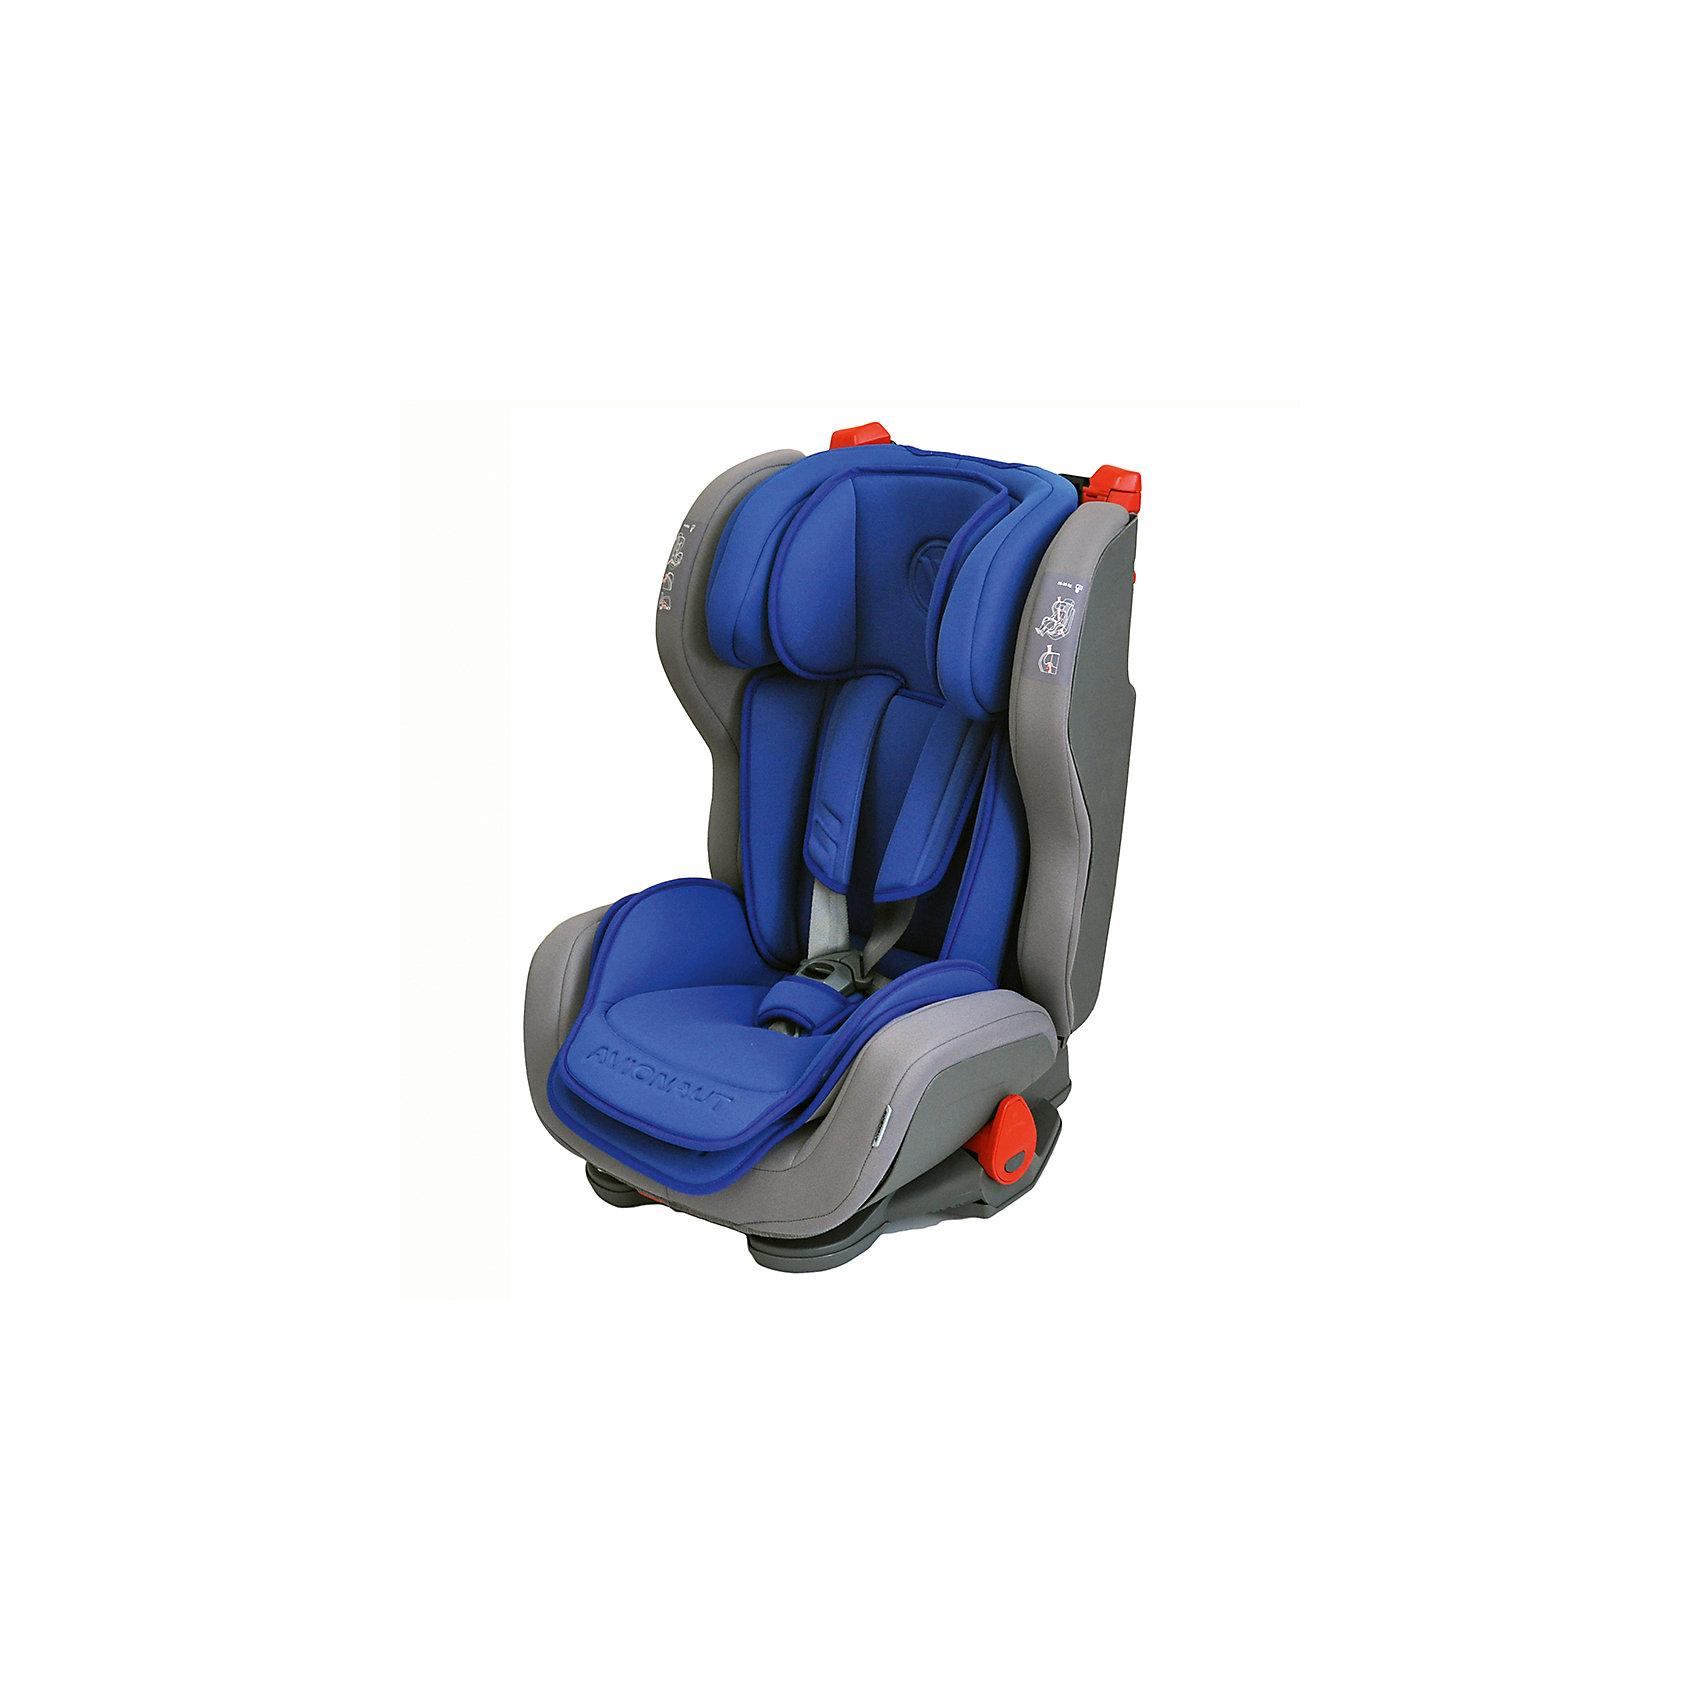 Автокресло Avionaut EVOLVAIR, 9-36кг, Т-синийГруппа 1-2-3 (От 9 до 36 кг)<br>Характеристики товара:<br><br>• группа автокресла: 1-2-3;<br>• возраст: от 9 месяцев до 12 лет;<br>• вес ребенка: 9-36 кг;<br>• материал: пластик, полиэстер;<br>• 5-ти точечные ремни безопасности;<br>• регулировка наклона спинки;<br>• регулировка подголовника;<br>• установка автокресла: по ходу движения;<br>• способ крепления: штатными ремнями автомобиля;<br>• размер автокресла: 46х59х50 см;<br>• вес автокресла: 8,2 кг;<br>• размер упаковки: 47х69х69 см;<br>• вес упаковки: 9,5 кг;<br>• страна производитель: Польша.<br><br>Автокресло Avionaut Evolvair темно-синее обеспечивает надежную защиту малыша при перевозке в автомобиле. Оно устанавливается на пассажирском сидении при помощи штатных ремней. Каркас сделан из ударопрочного пластика, а специальный наполнитель поглощает основной удар, защищая ребенка от травм.<br><br>Внутри сидения имеется цветной вкладыш и мягкий подголовник с поддержкой головы. Регулируемый по высоте подголовник и боковины по ширине позволяют использовать кресло не один год и подгонять его под растущего ребенка. Спинку можно опустить рычагом, чтобы малыш в поездке могу отдохнуть и поспать.<br><br>Автокресло Avionaut Evolvair темно-синее можно приобрести в нашем интернет-магазине.<br><br>Ширина мм: 470<br>Глубина мм: 690<br>Высота мм: 690<br>Вес г: 8200<br>Возраст от месяцев: -2147483648<br>Возраст до месяцев: 2147483647<br>Пол: Унисекс<br>Возраст: Детский<br>SKU: 5500148